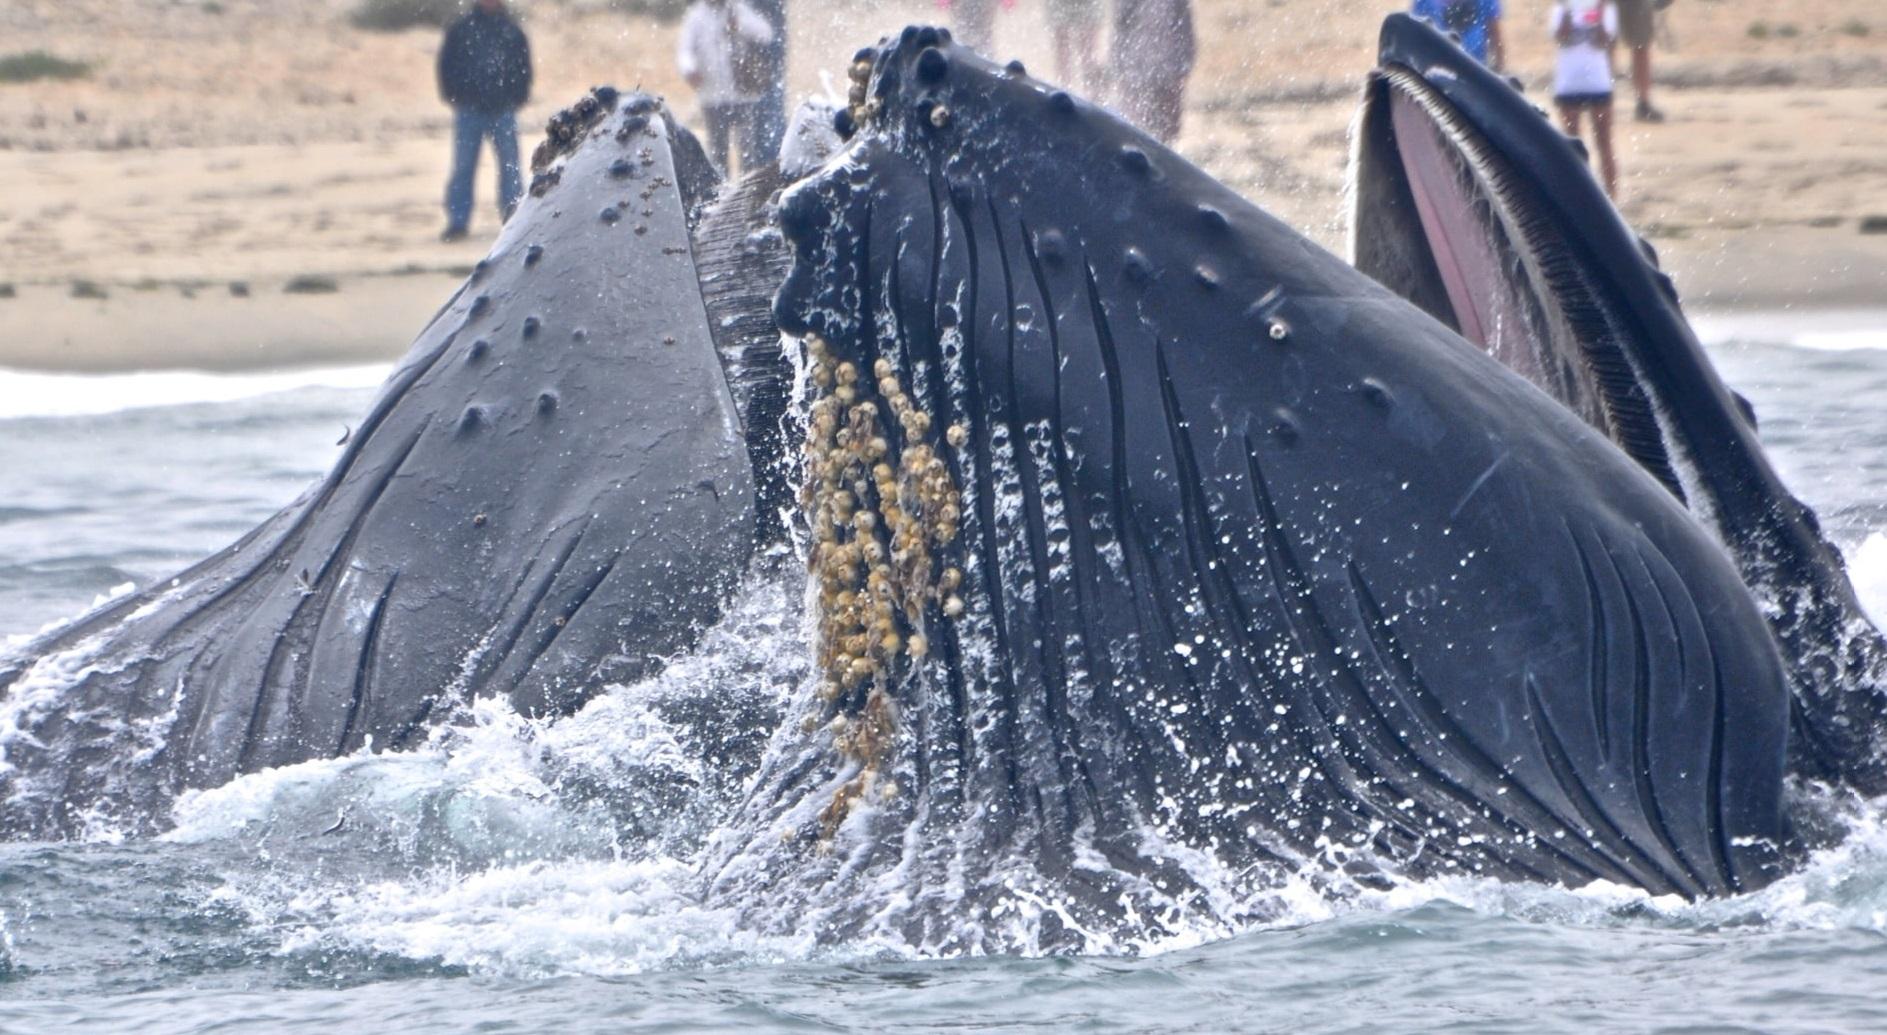 Balenele cu cioc refuză să părăsească un lac scoțian, înainte de un exercițiu NATO